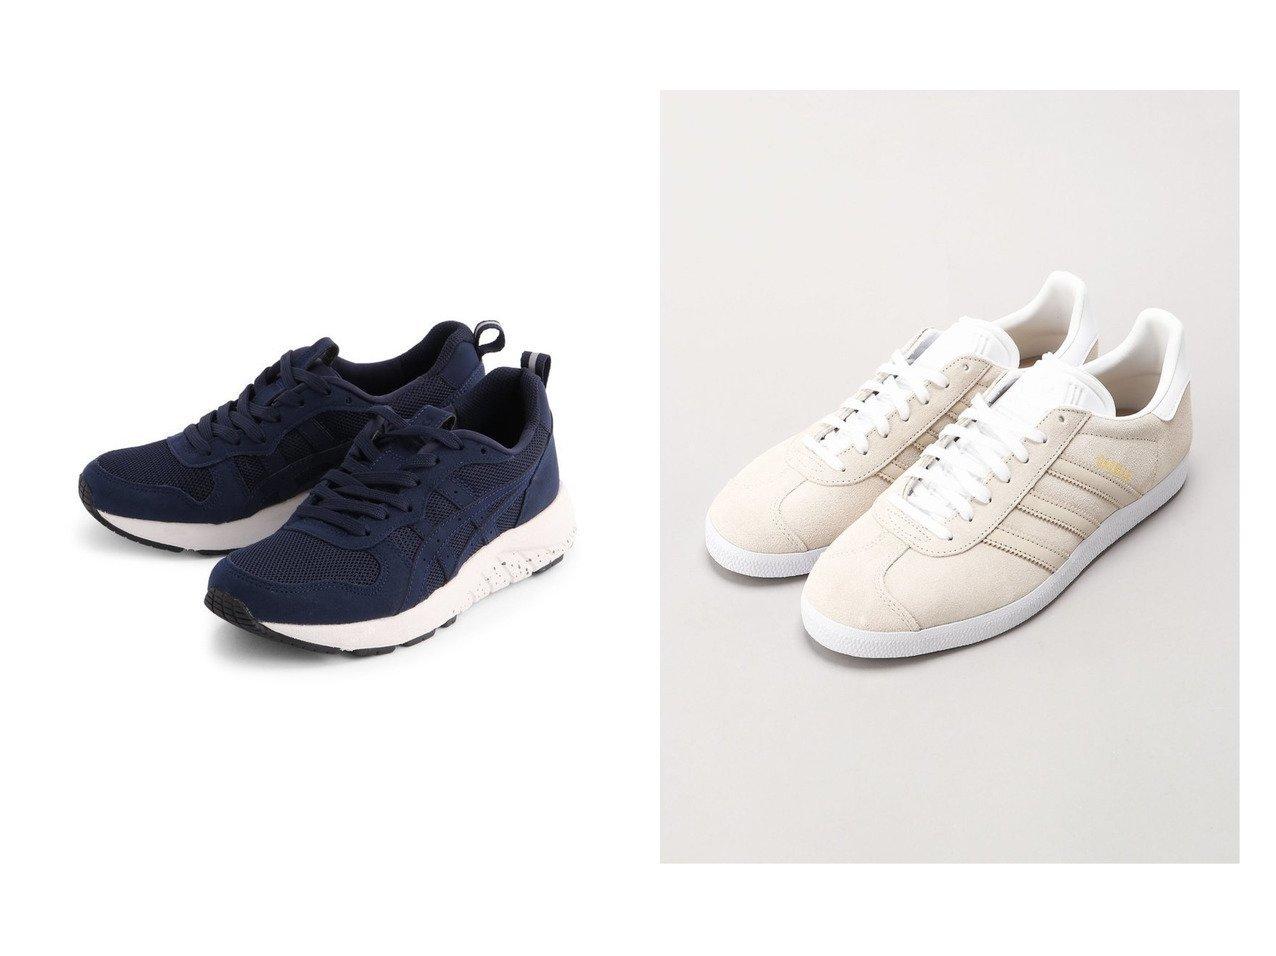 【asics/アシックス】の《アシックス公式》 スニーカー 【ゲルムージー 007】 2E相当&【adidas Originals/アディダス オリジナルス】の【FREAK S STORE】ガゼル Gazelle 【シューズ・靴】おすすめ!人気、トレンド・レディースファッションの通販 おすすめで人気の流行・トレンド、ファッションの通販商品 メンズファッション・キッズファッション・インテリア・家具・レディースファッション・服の通販 founy(ファニー) https://founy.com/ ファッション Fashion レディースファッション WOMEN クラシック サッカー シューズ スエード スニーカー スリッポン 人気 今季 定番 Standard クッション シンプル メッシュ ラッセル |ID:crp329100000028409